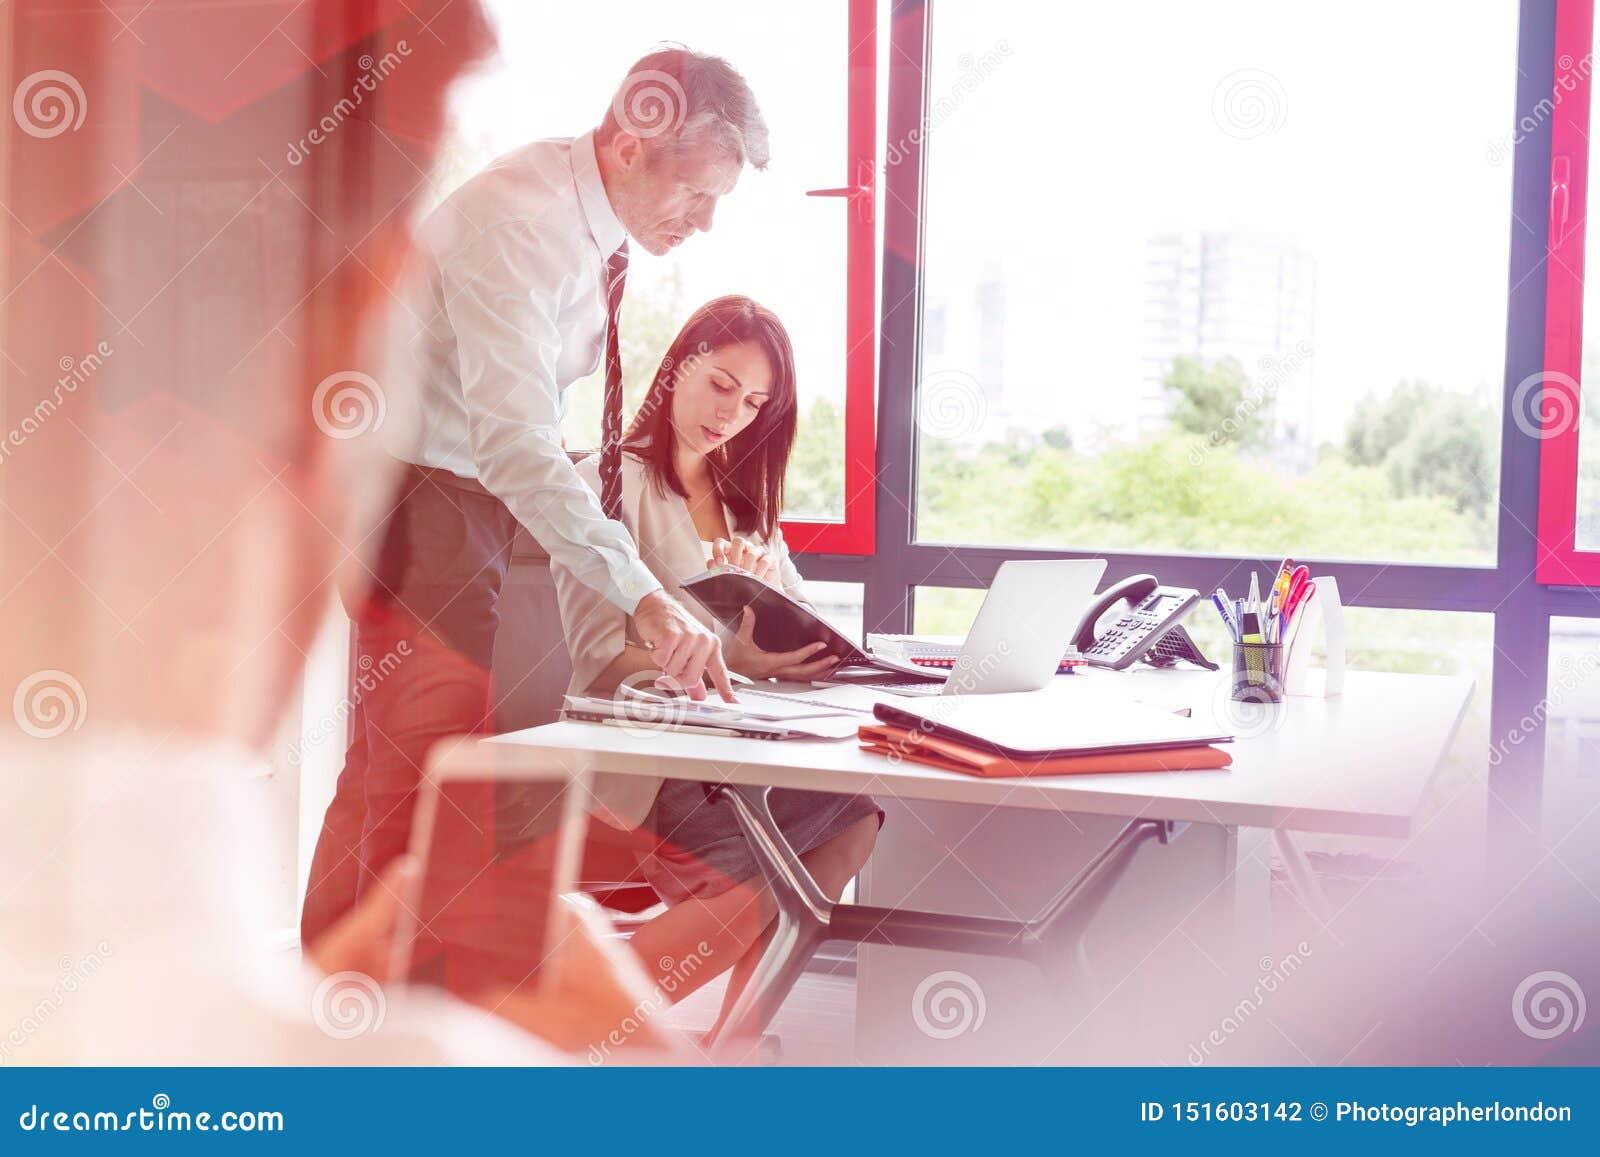 Συνάδελφοι πέρα από το έγγραφο στη συζήτηση στο γραφείο στην αρχή